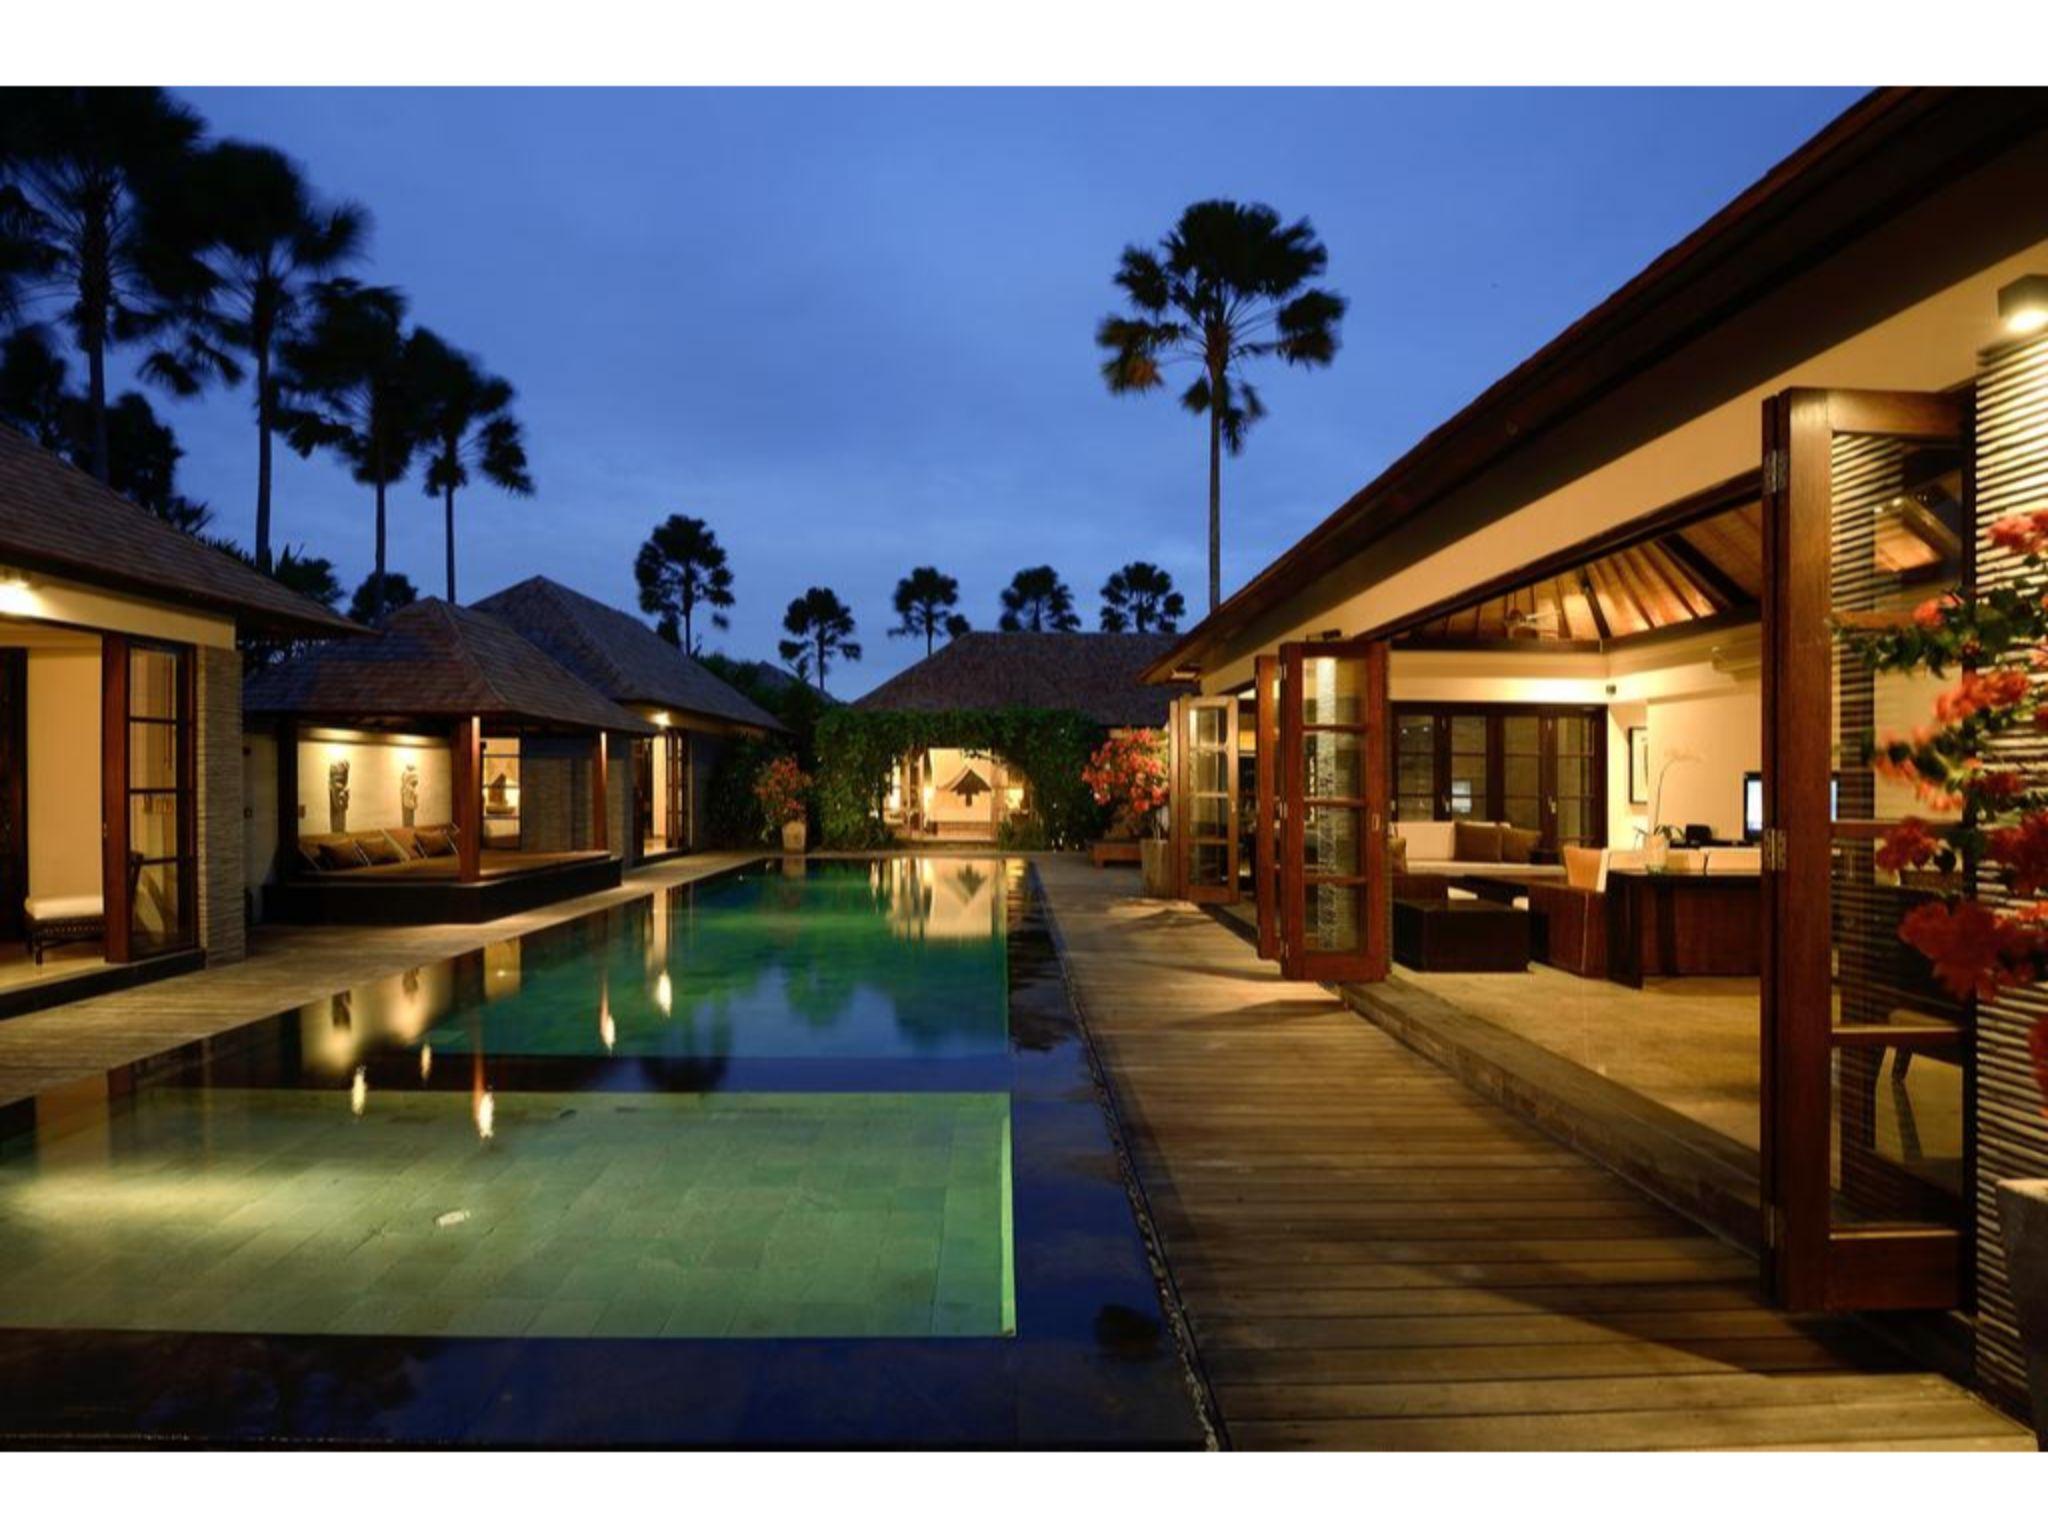 Pep 5BR Luxury Private Pool Villa + Kitchen